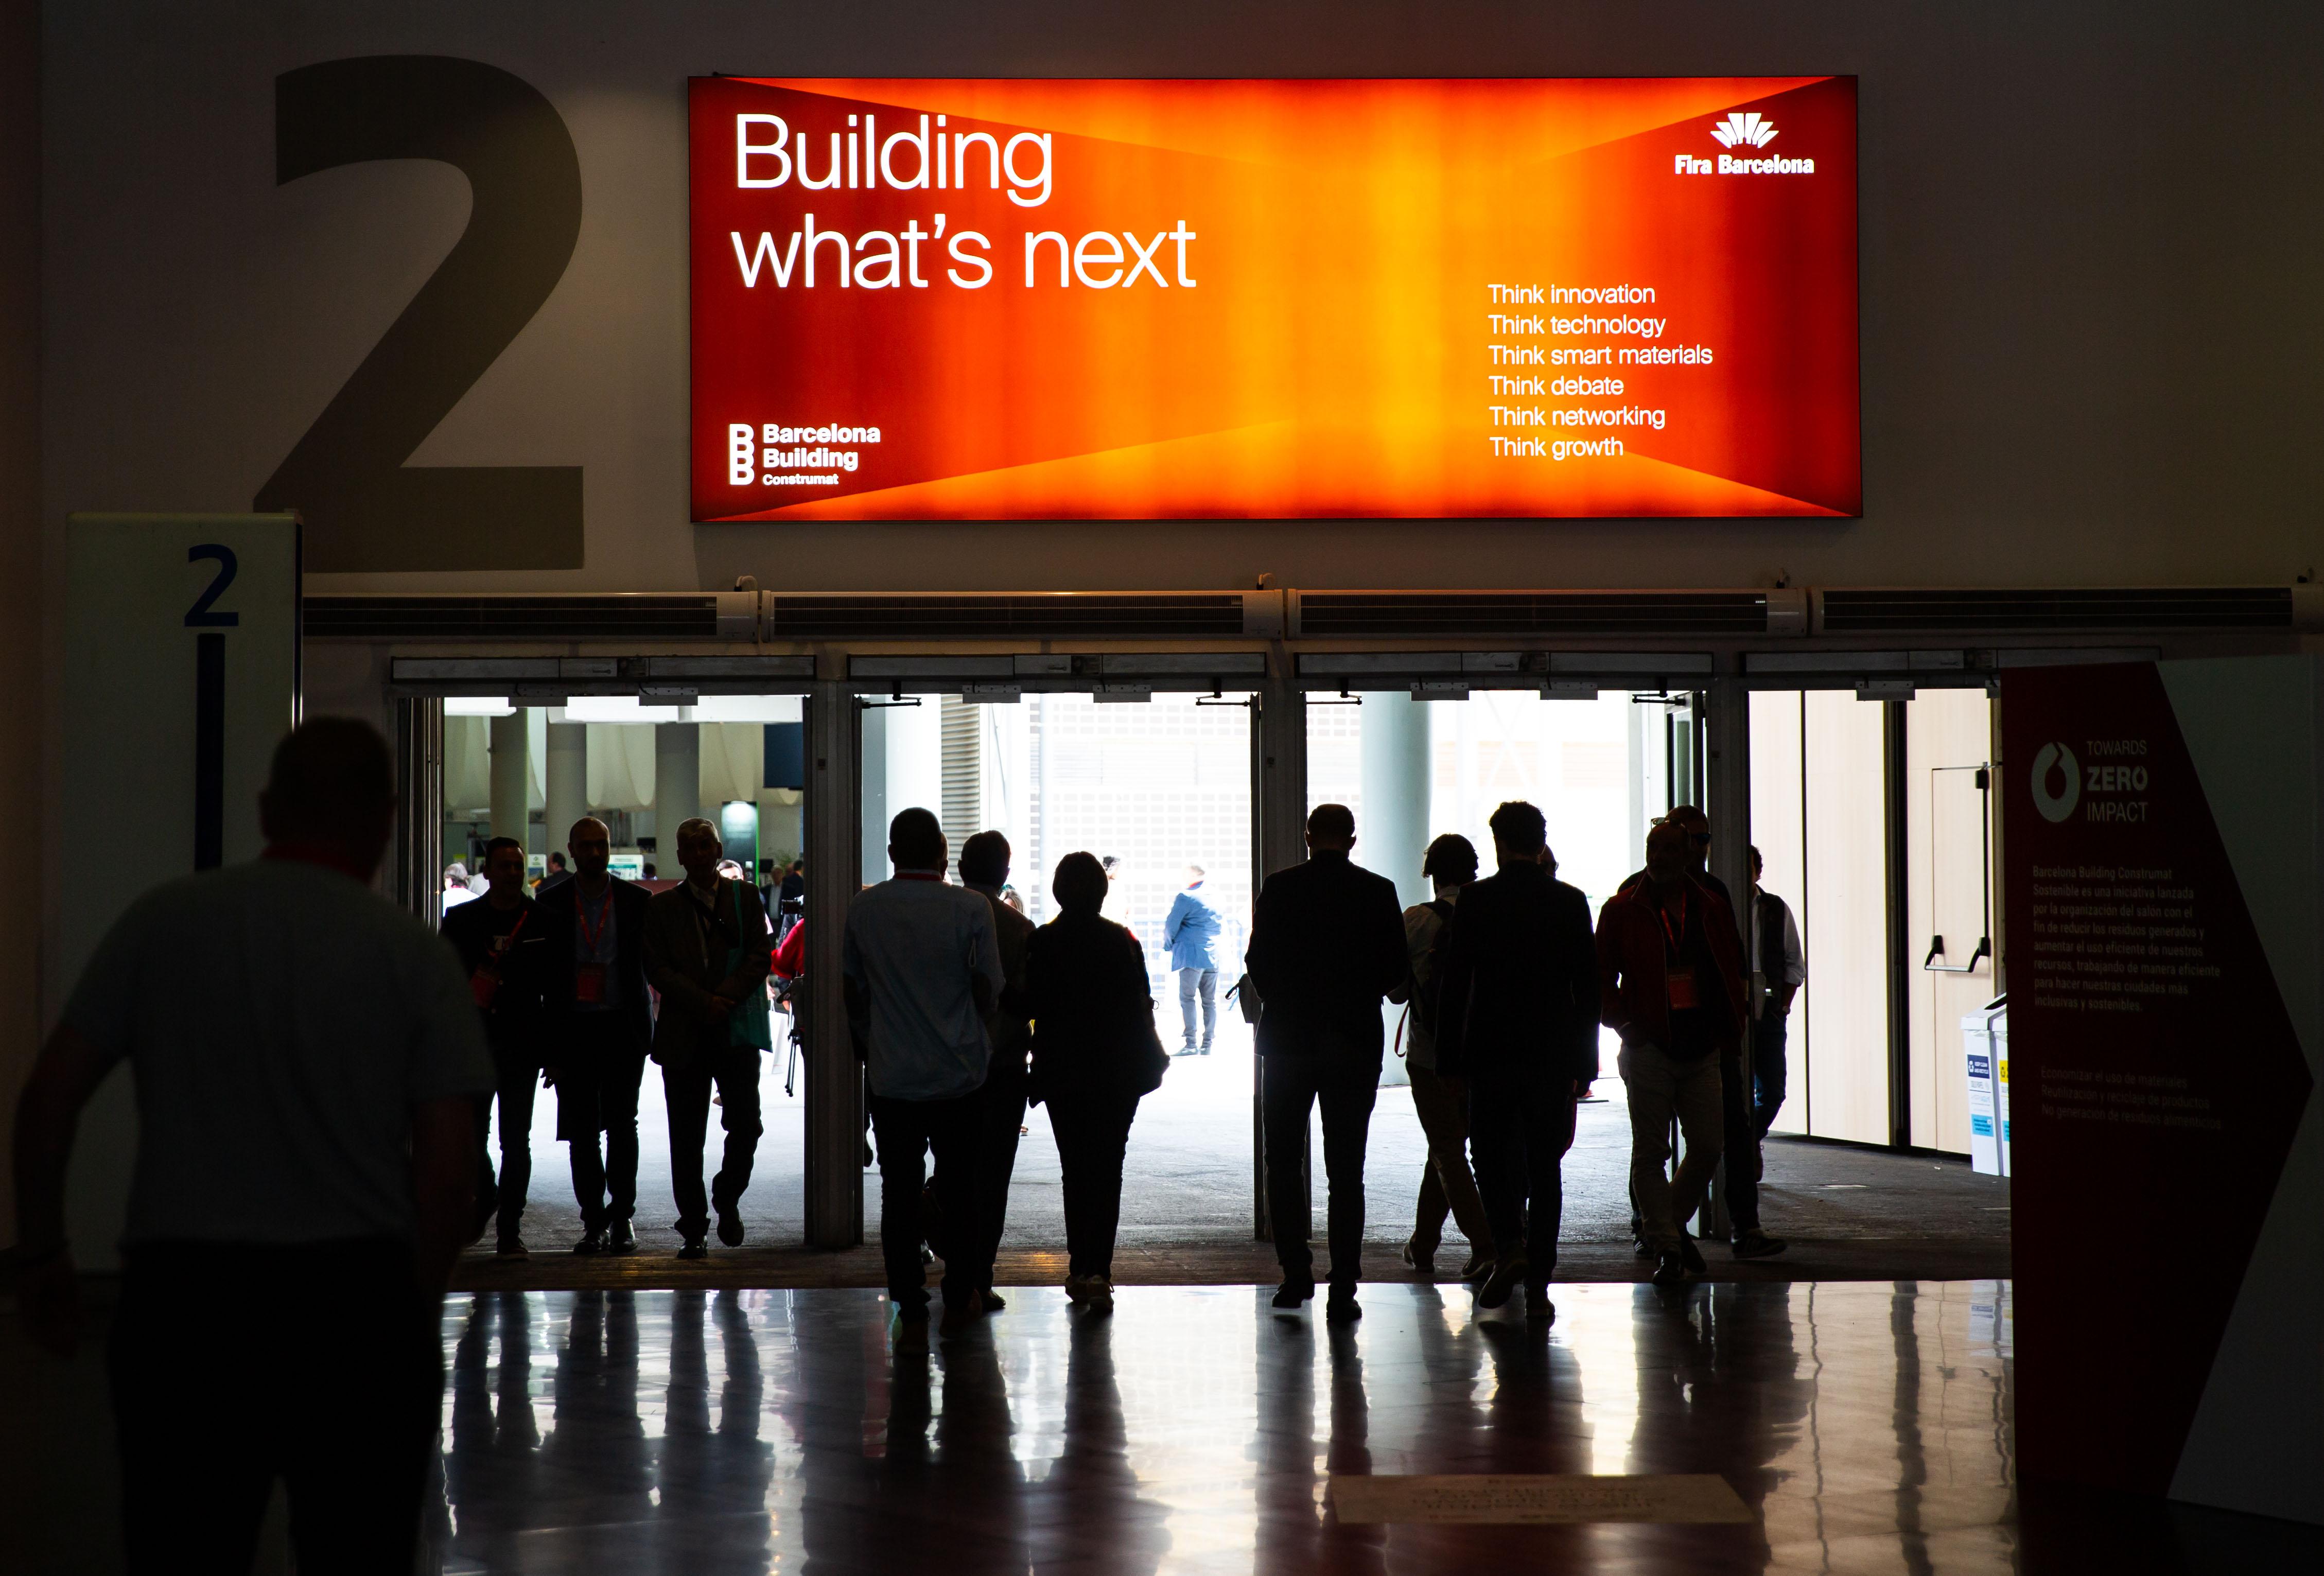 BBConstrumat 2019 Apuesta Por La Innovación Y Reúne A Las Empresas Líderes Del Sector